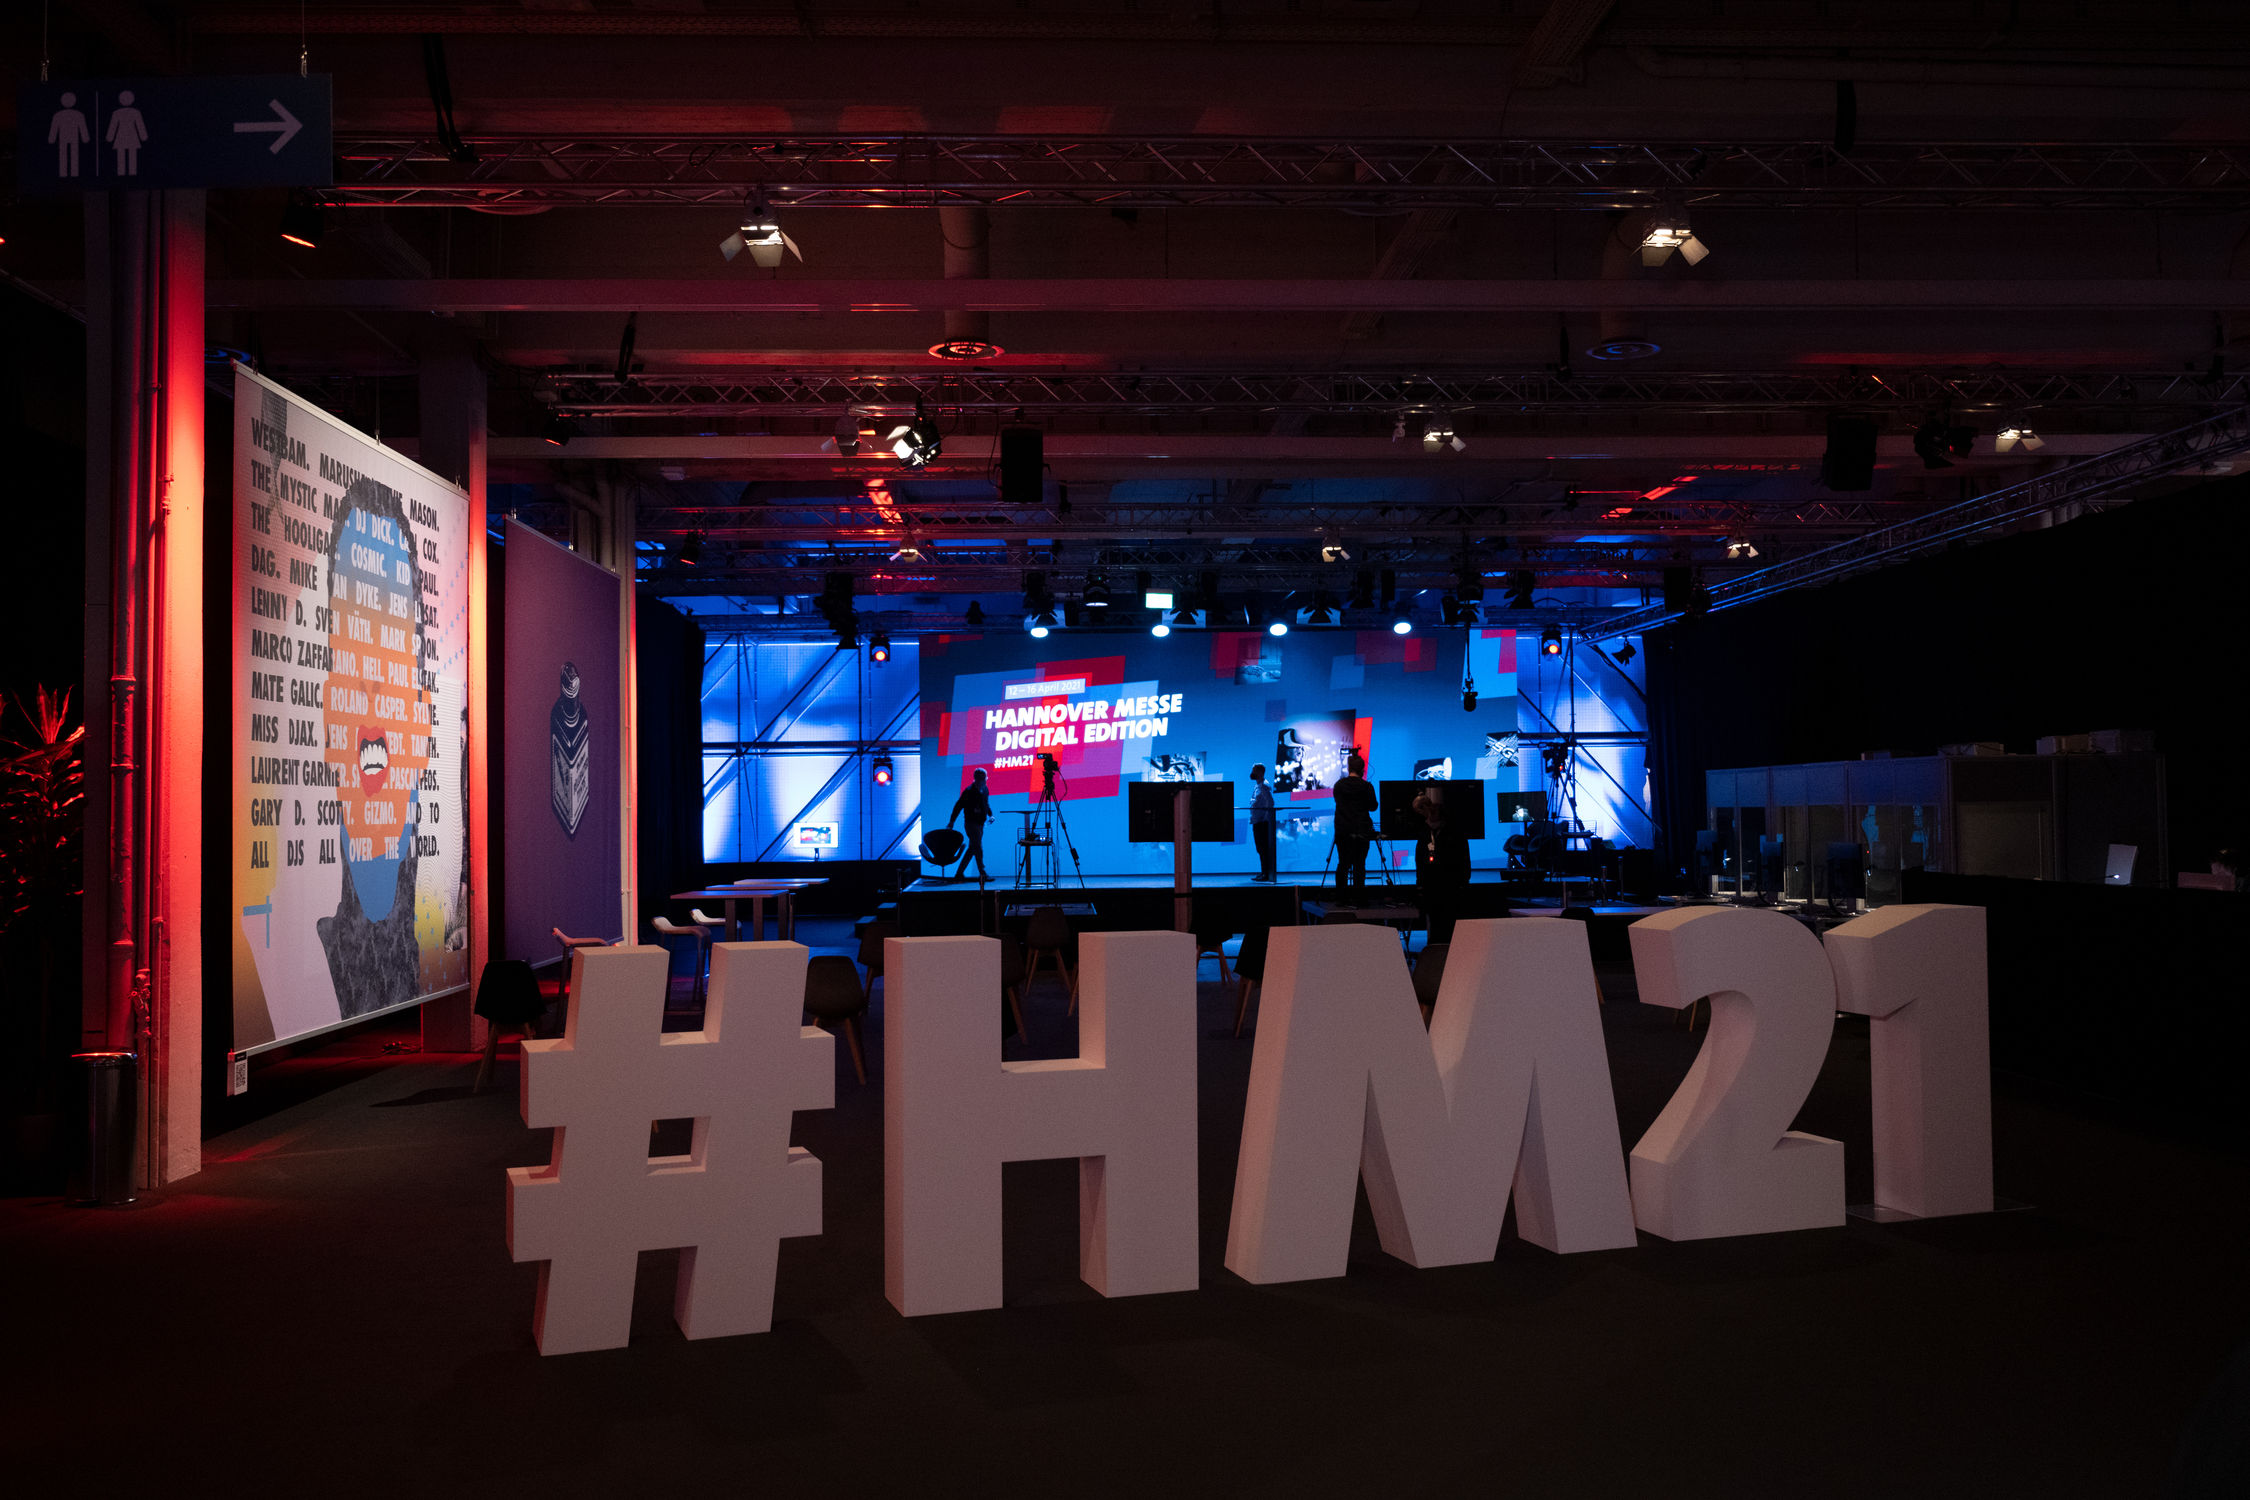 Bild der Bühne der Hannover Messe 2021 mit Schriftzug